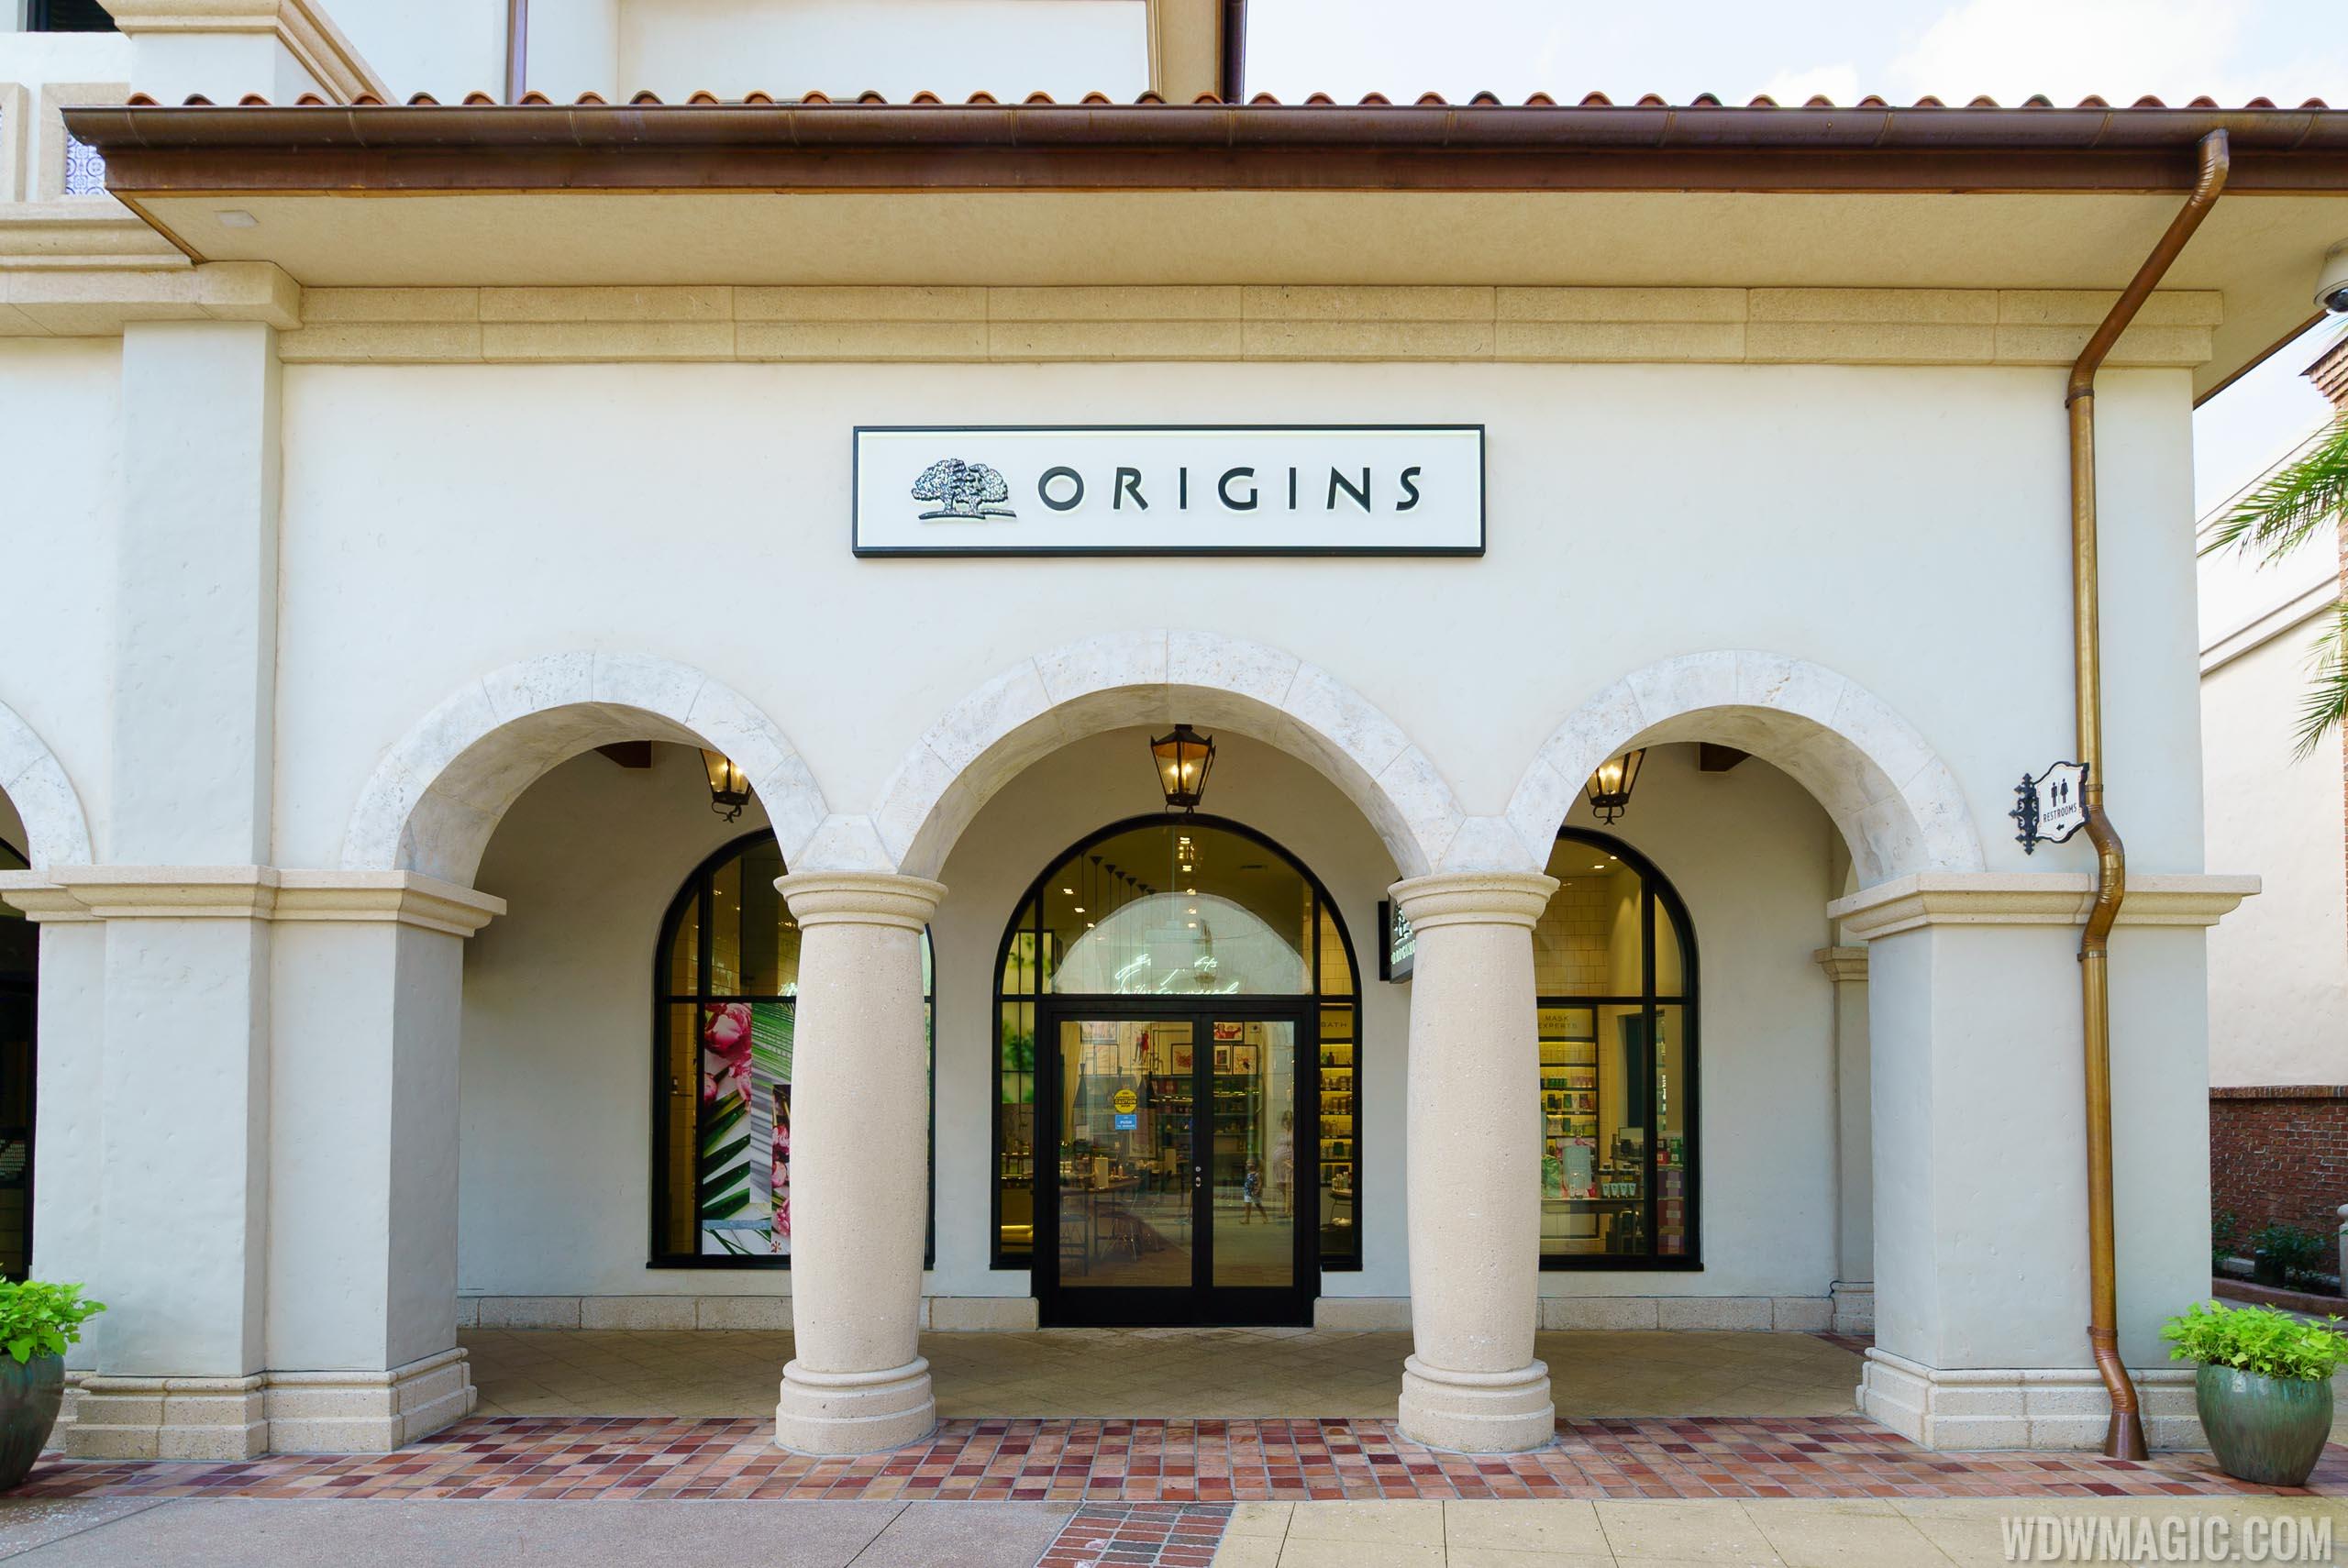 Origins overview